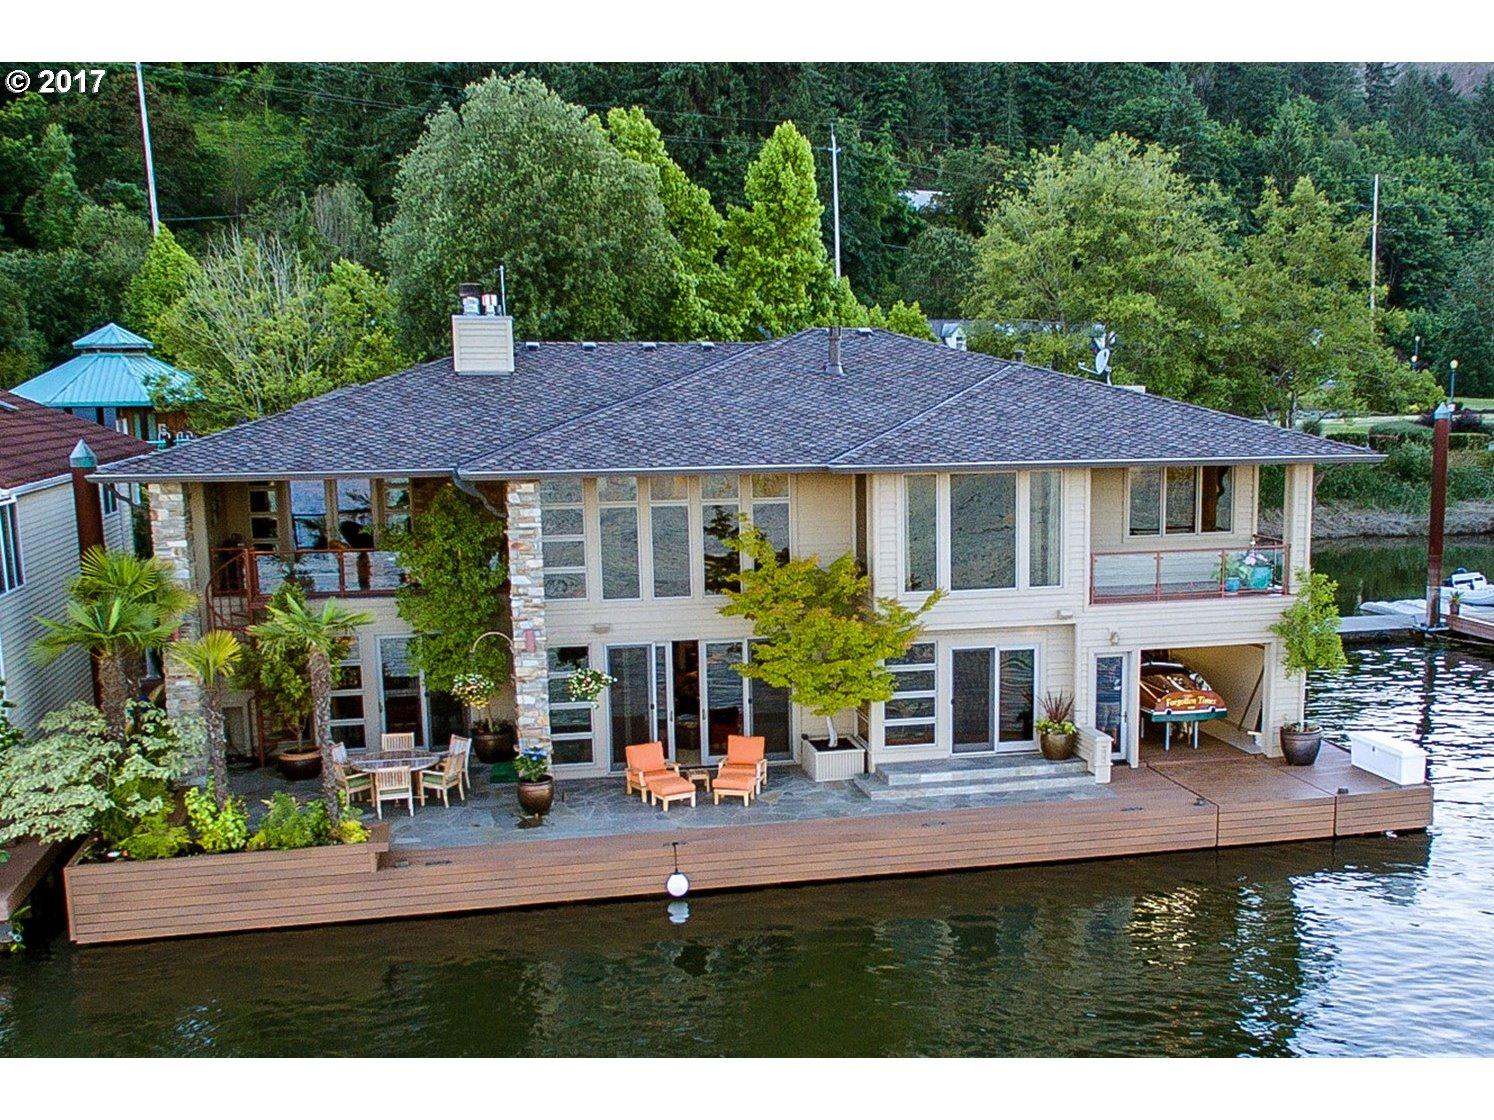 Floating Homes For Sale In Portland Oregon Portland